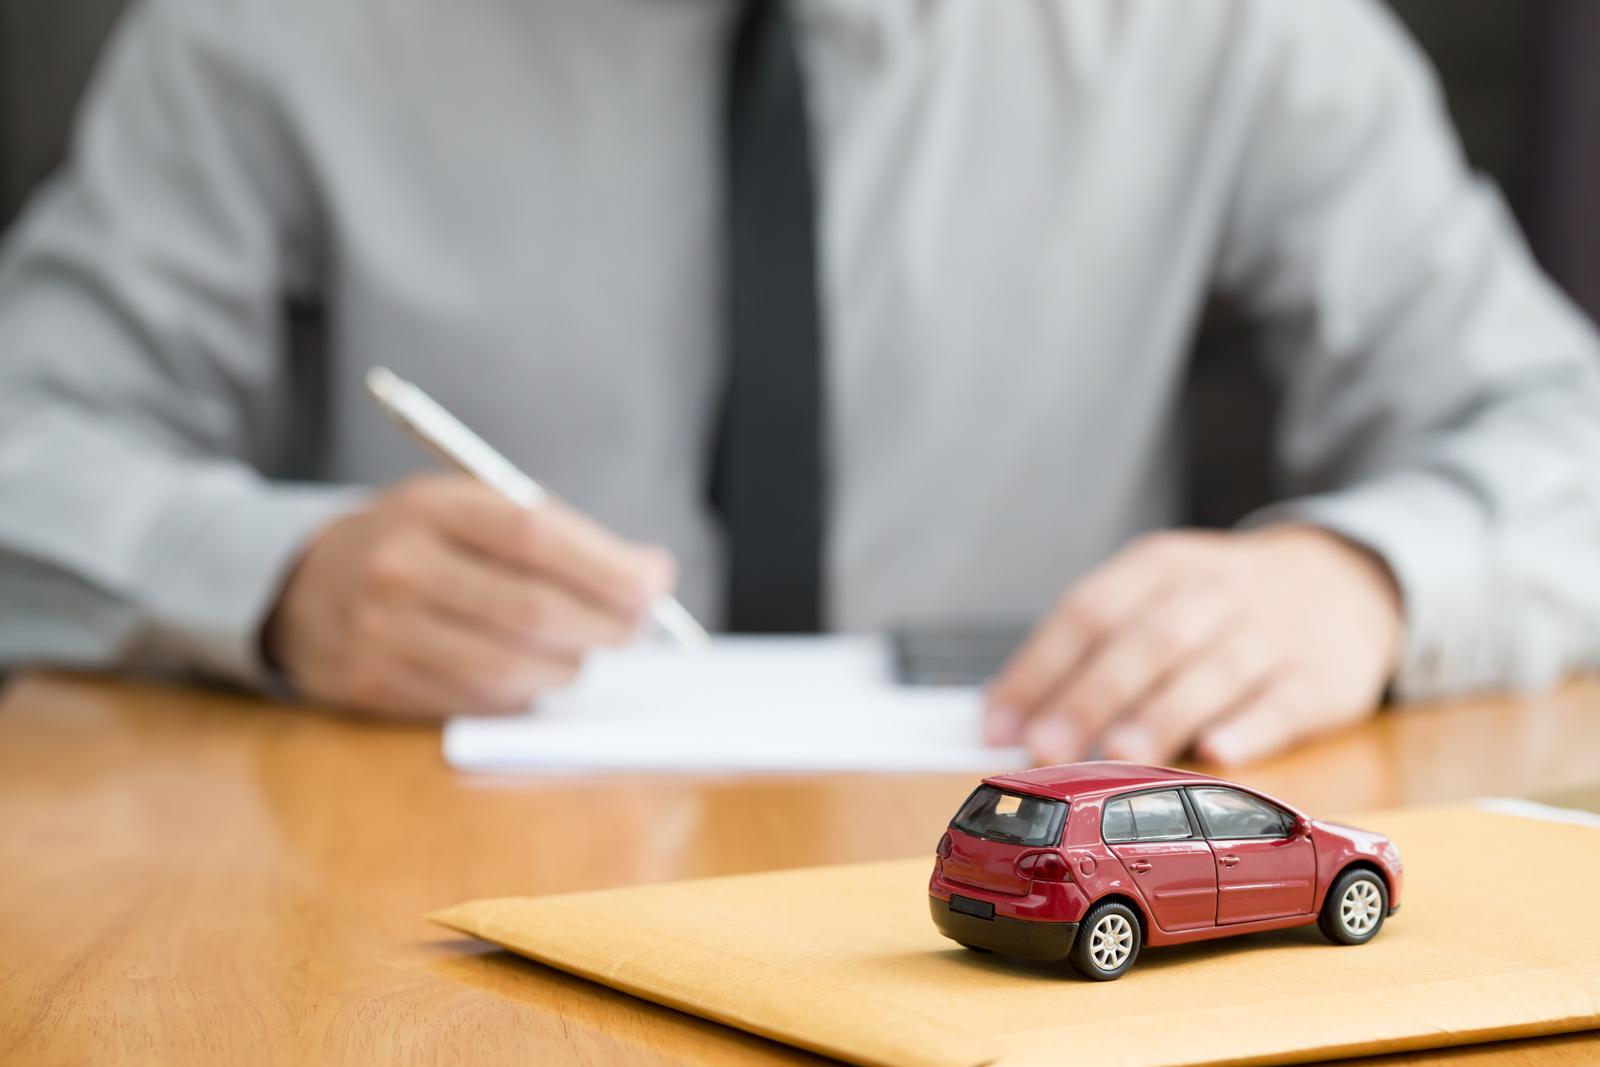 Регистрация машины в ГИБДД: сроки, правила и стоимость